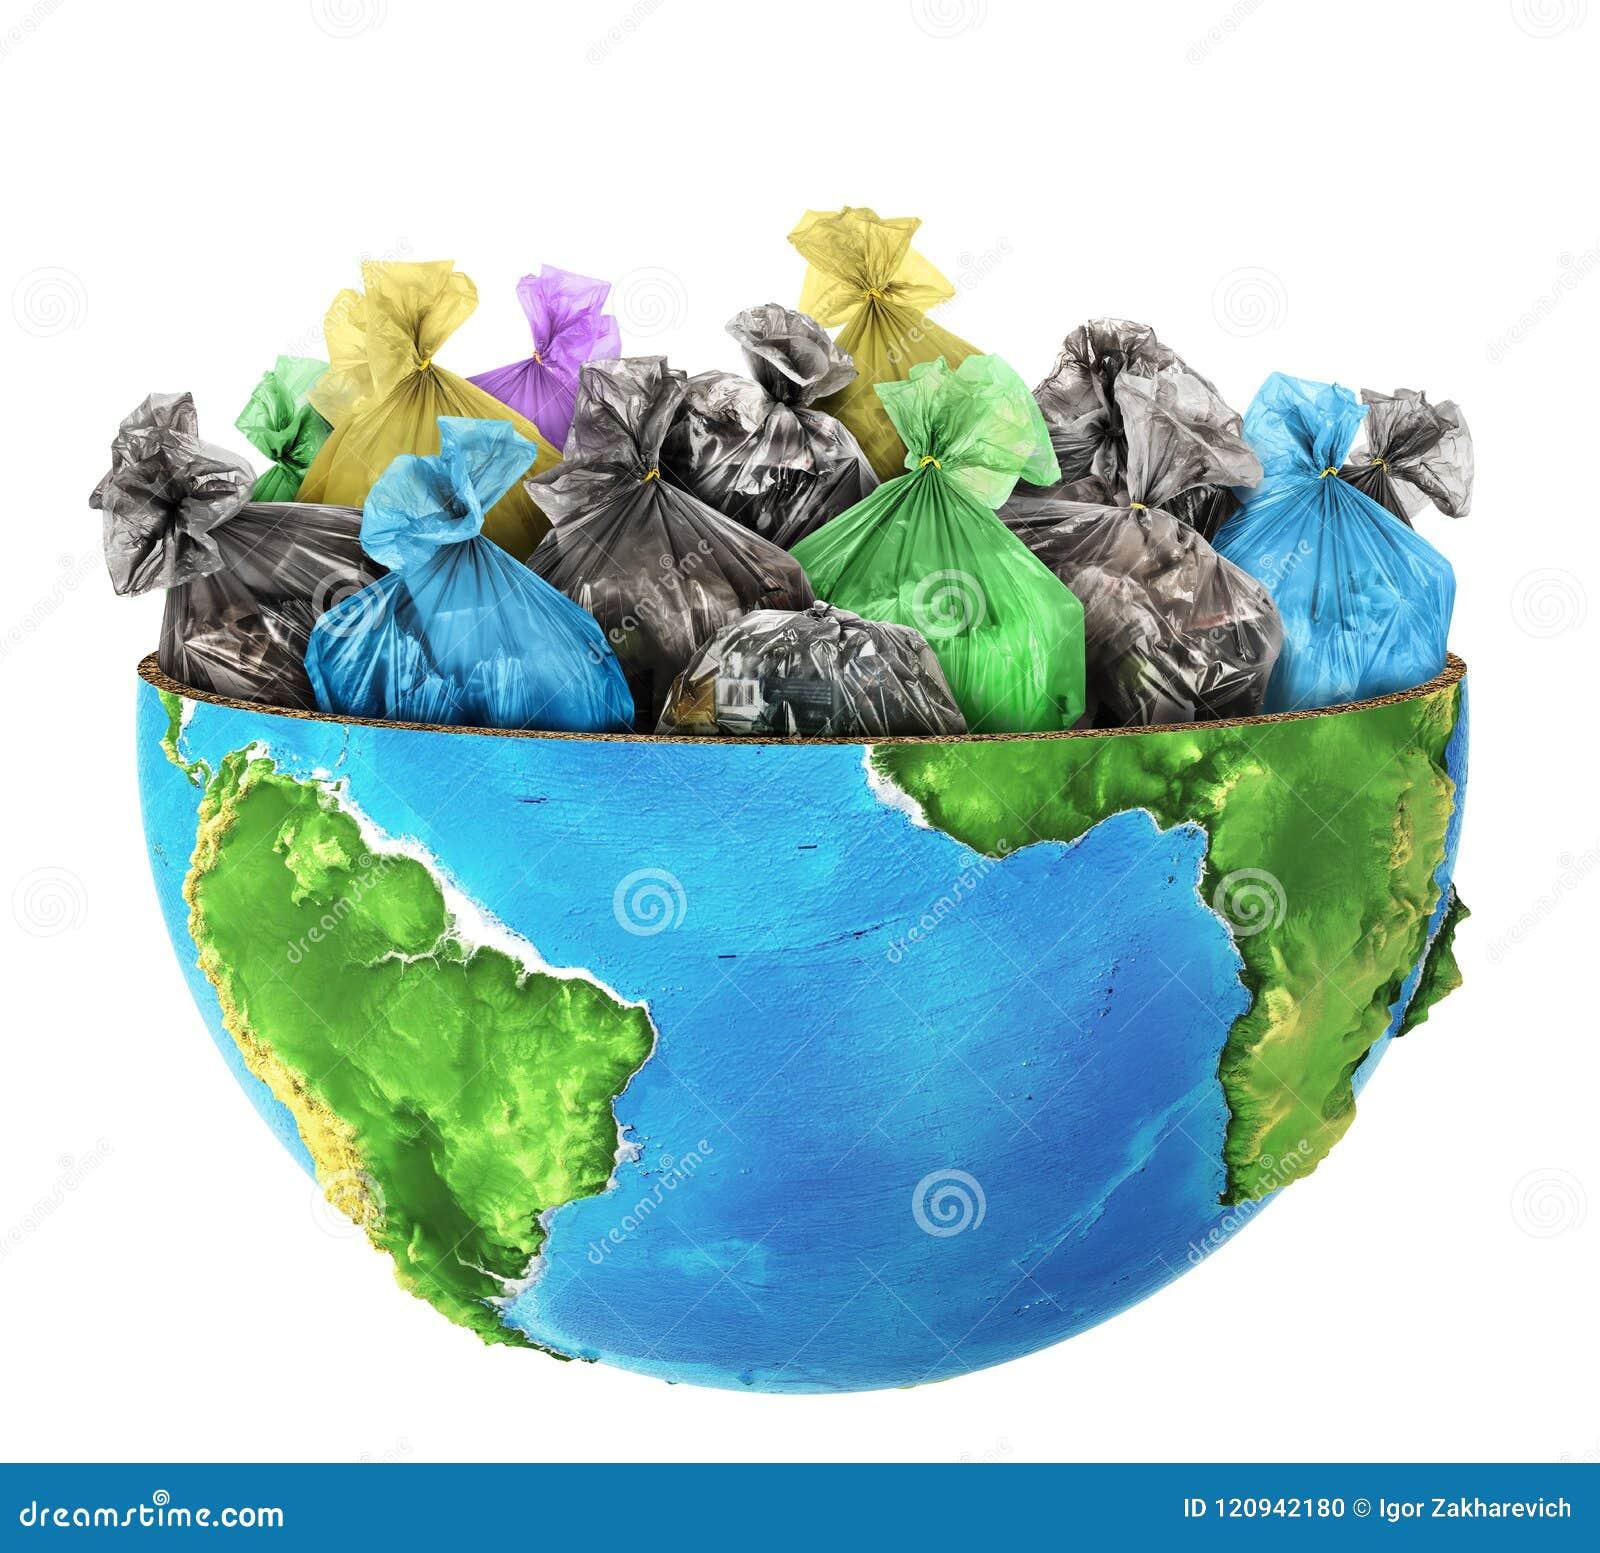 Wordt de helft van planeet gevuld met geep